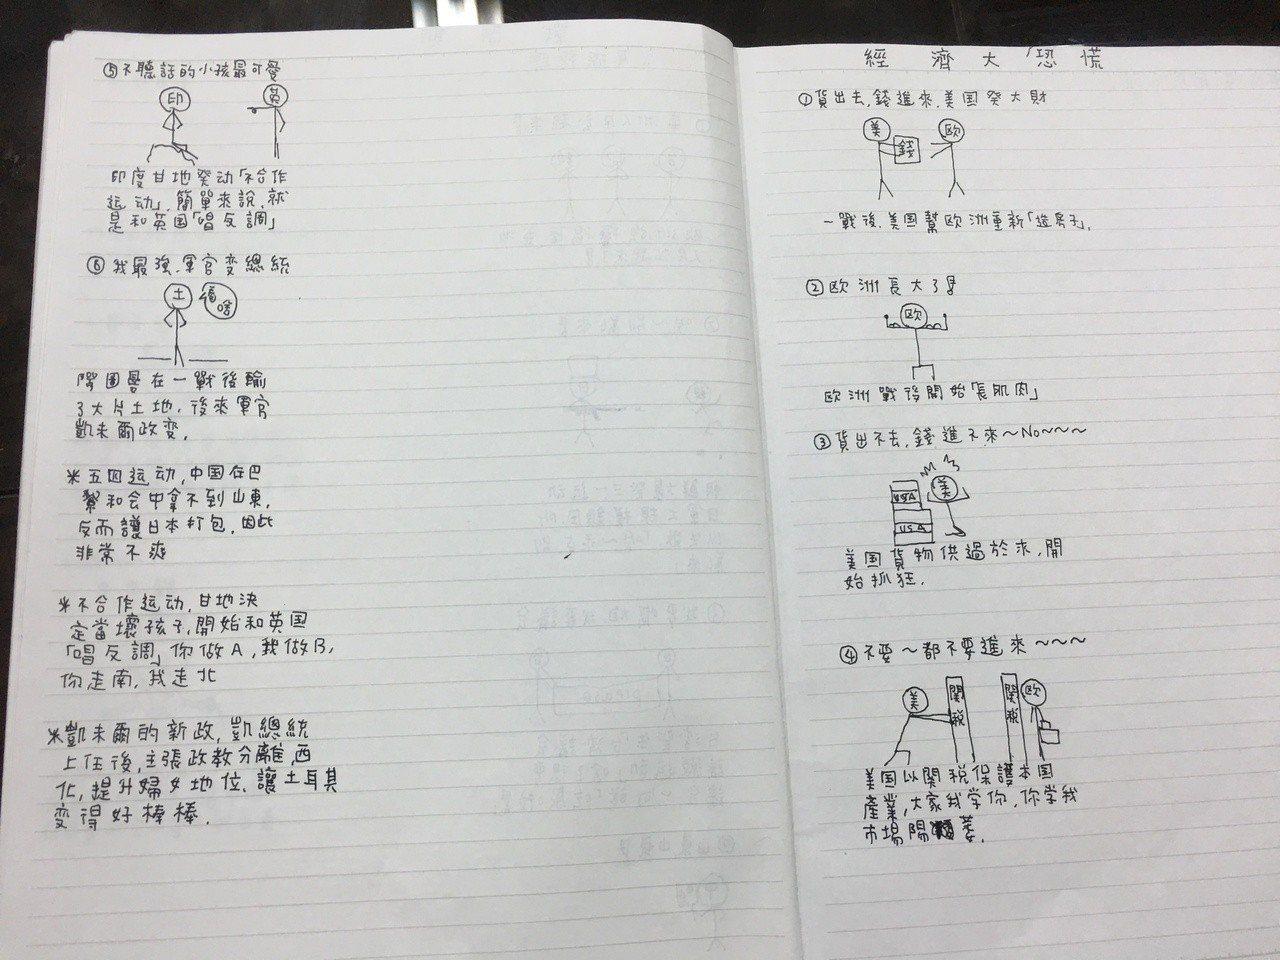 雲林縣淵明國中三年級學生鍾博宇從小就喜歡畫畫,他經常以繪圖方式做筆記,比起繁瑣的...